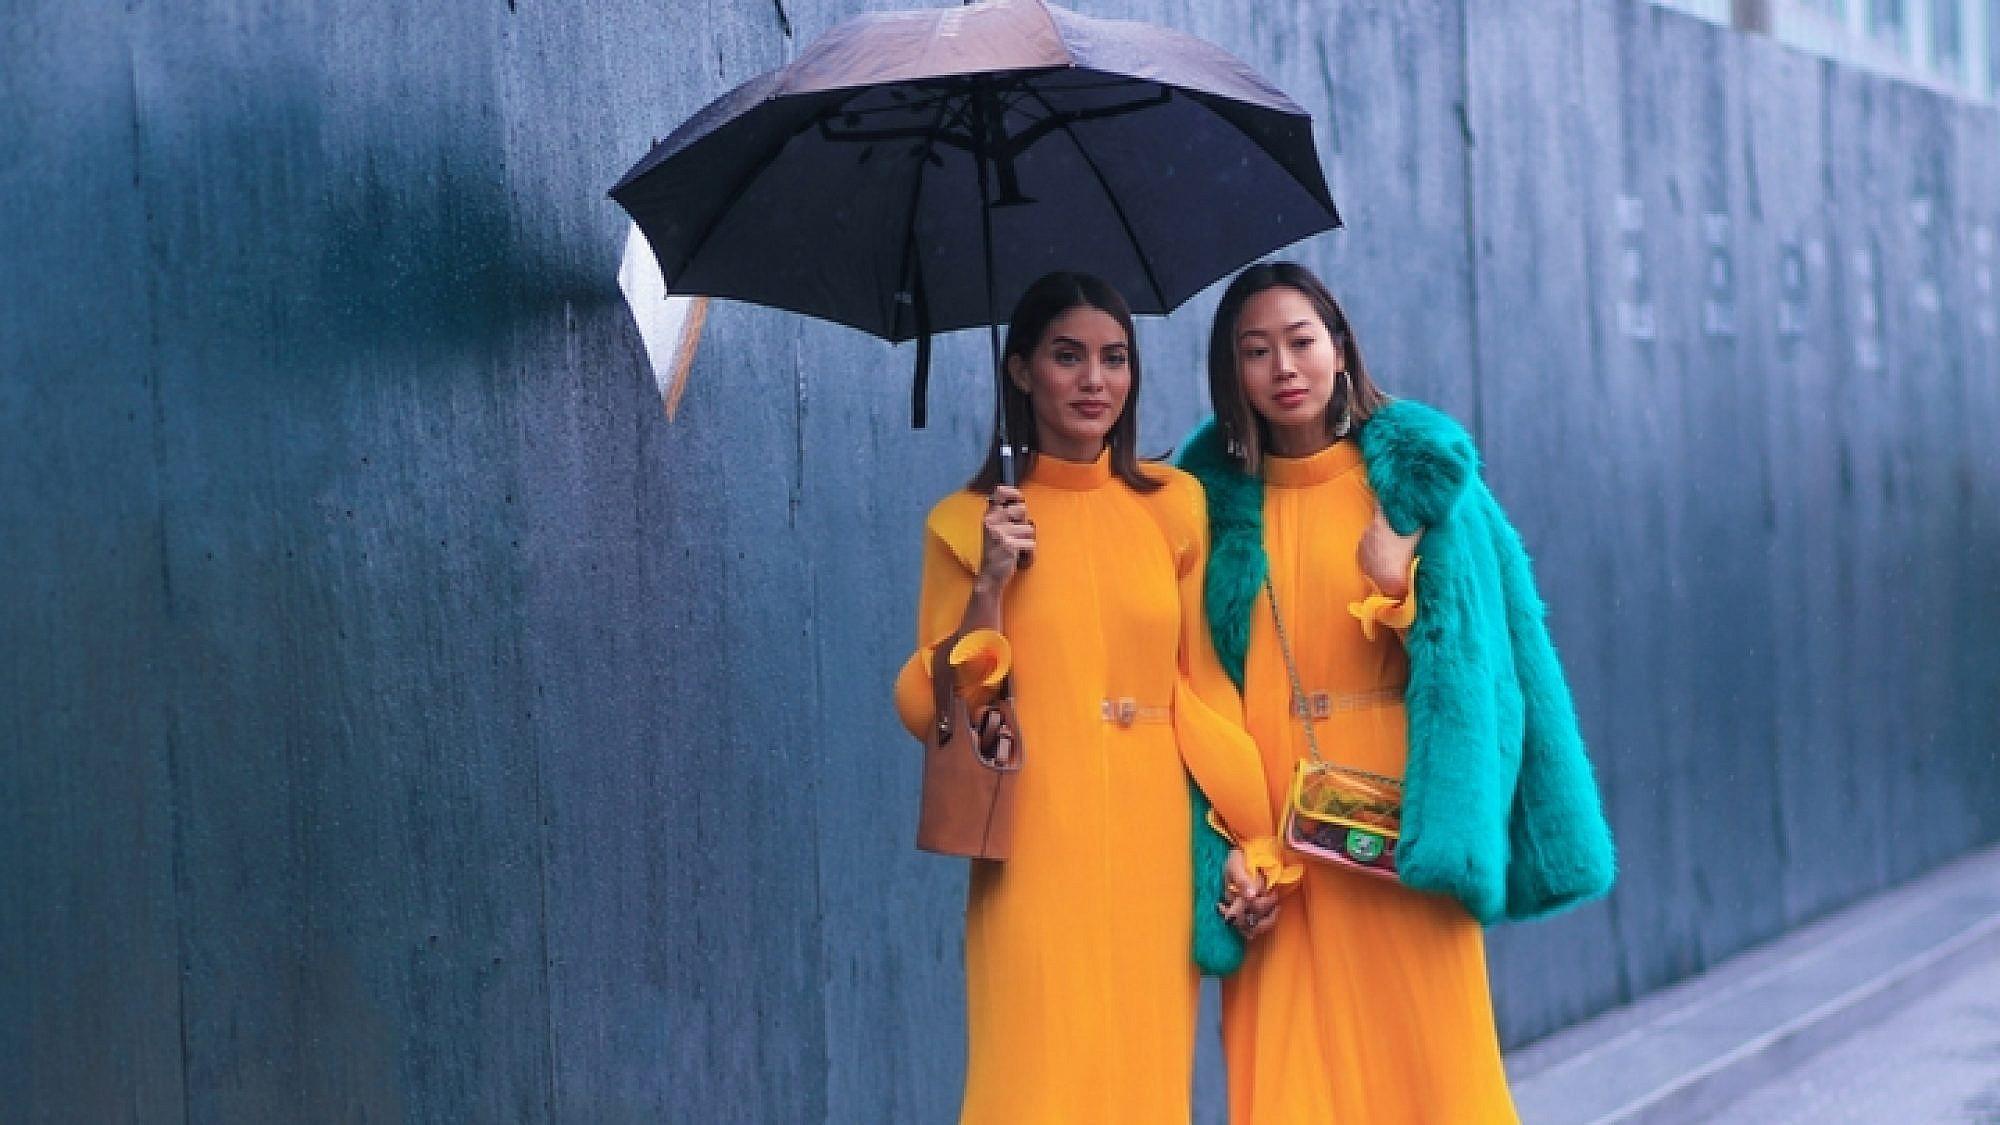 סטריט סטייל בשבוע האופנה בניו יורק   צילום: אסף ליברפרוינד The Streetvibe